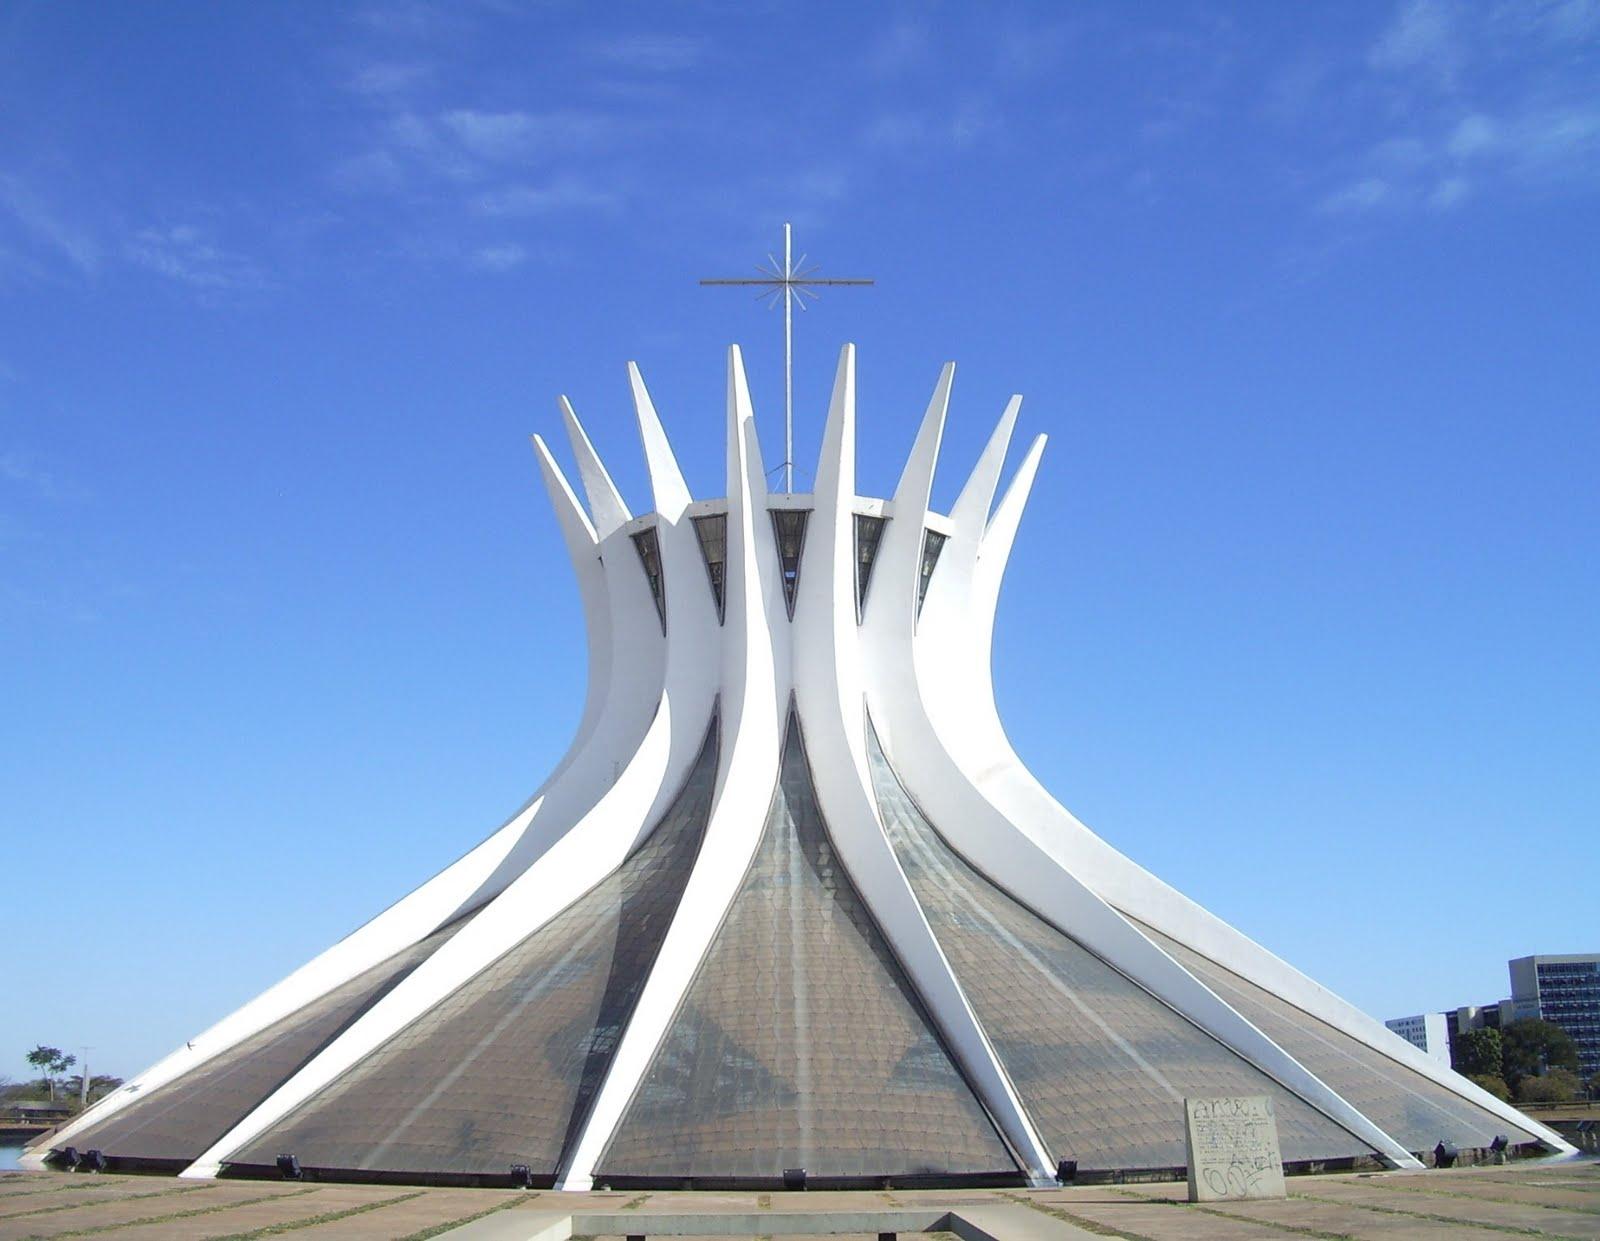 Arquitectura espectacular catedral de brasilia - Arquitecto de brasilia ...